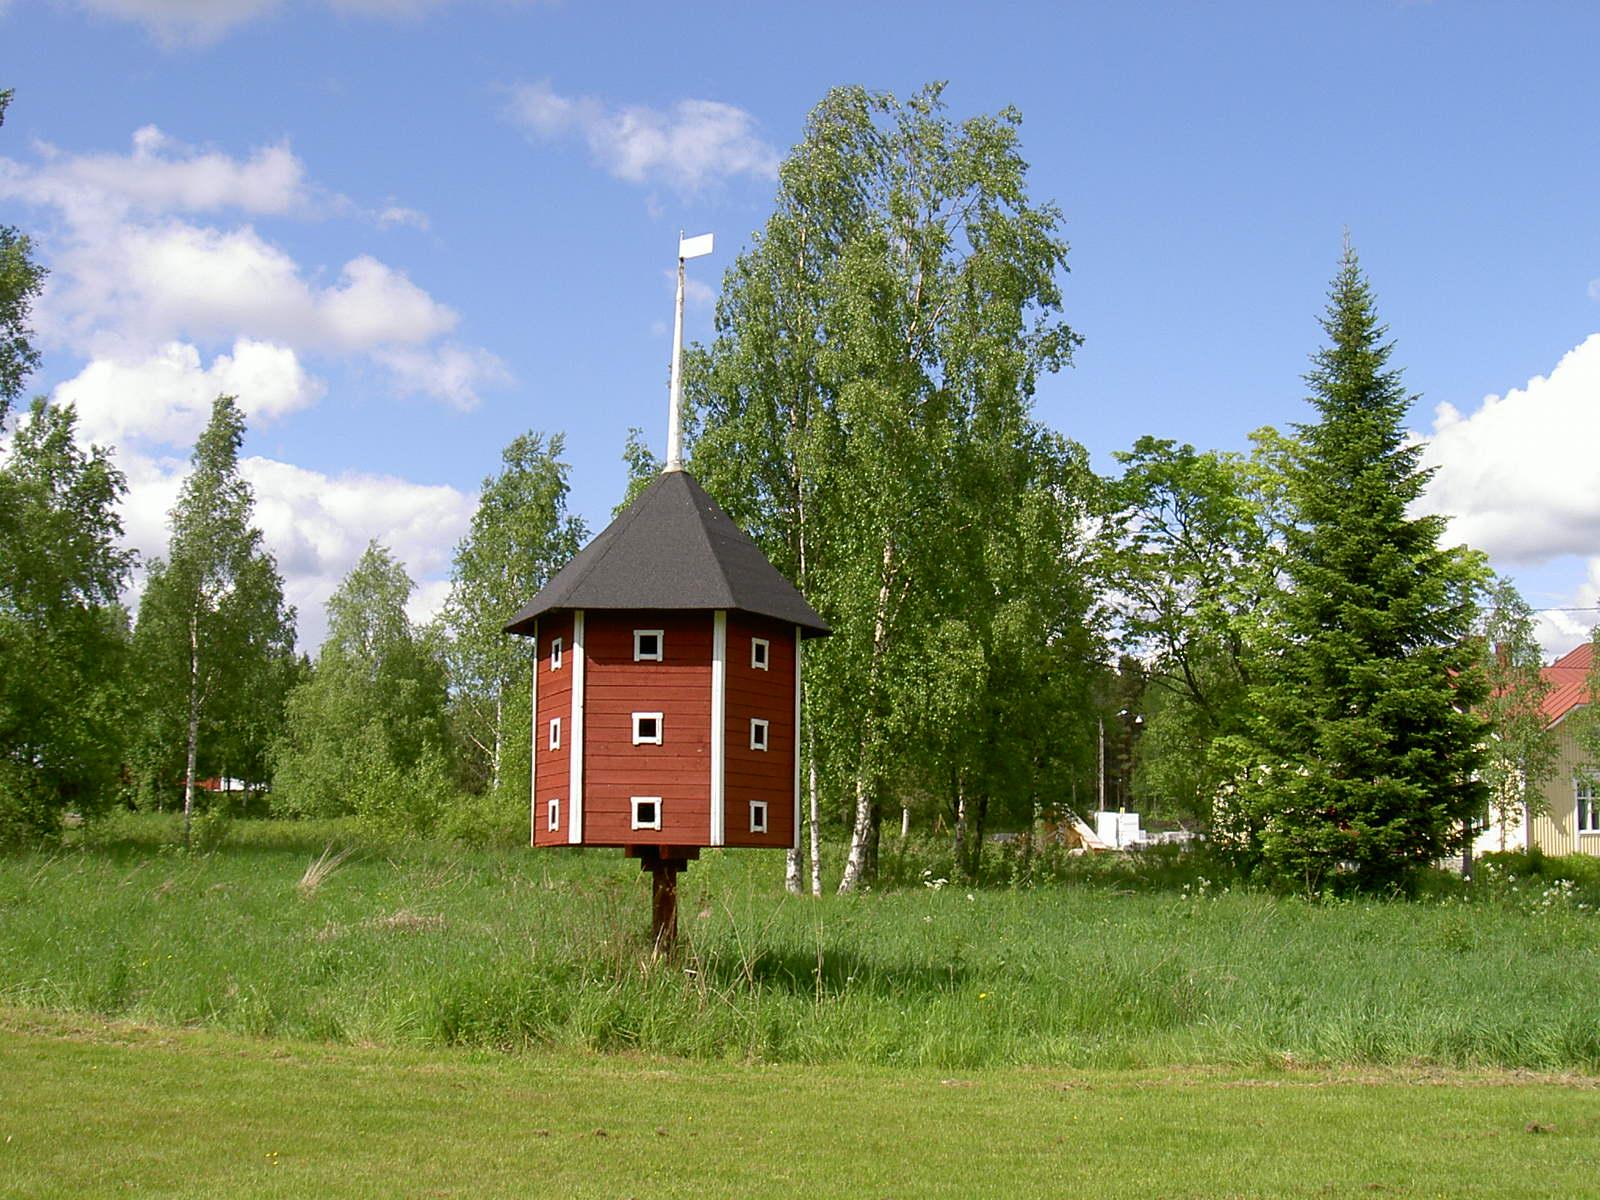 """Det här duvslaget som byggdes 1986 är en kopia av det duvslaget som """"Lillsjö-Bagarin"""" byggdes på samma ställe på 1920-talet. Ännu på 70-talet bodde det tamduvor i det gamla duvslaget men inte i kopian. Föreningshuset Majbo syns till höger."""